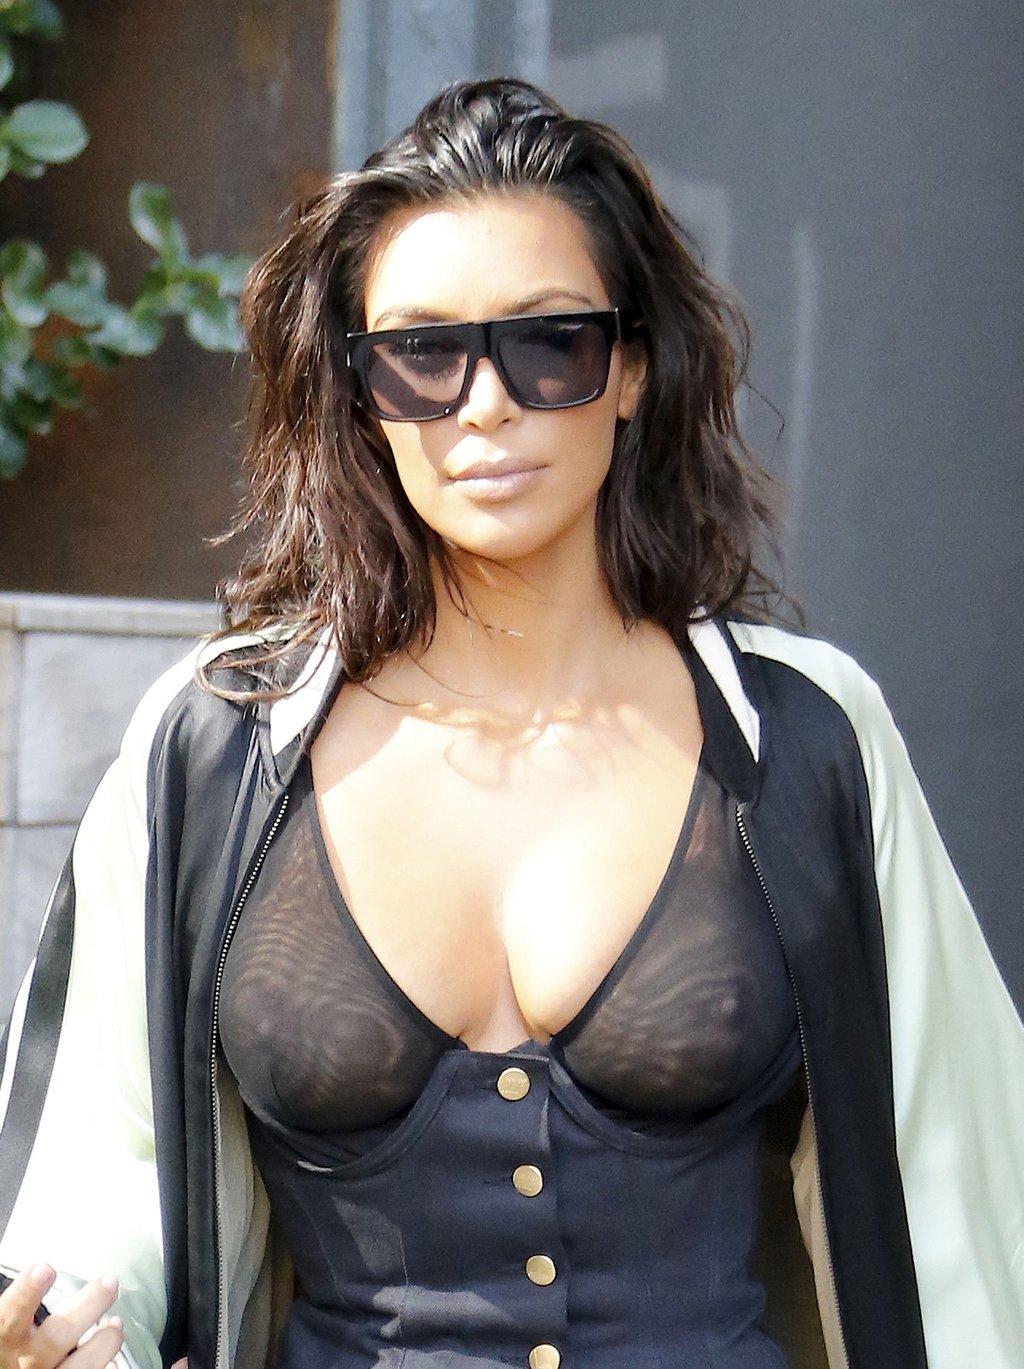 Kim Kardashian Nua Video E Fotos Pelada (13)